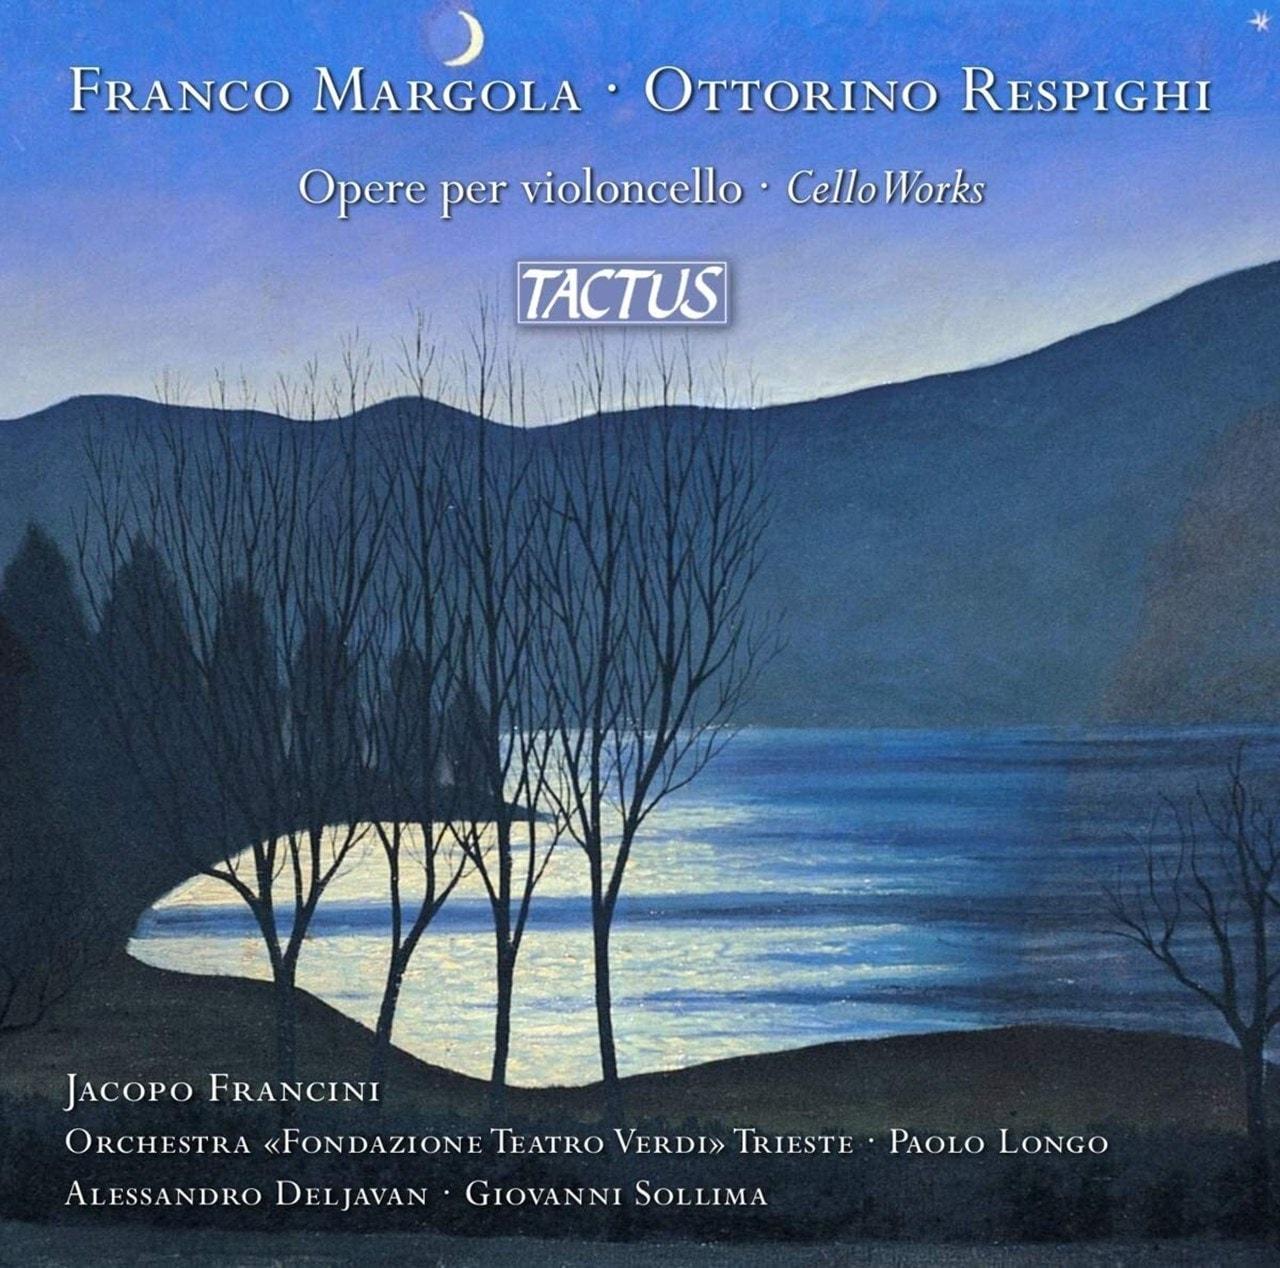 Franco Margola/Ottorino Respighi: Opere Per Violoncello: Cello Works - 1